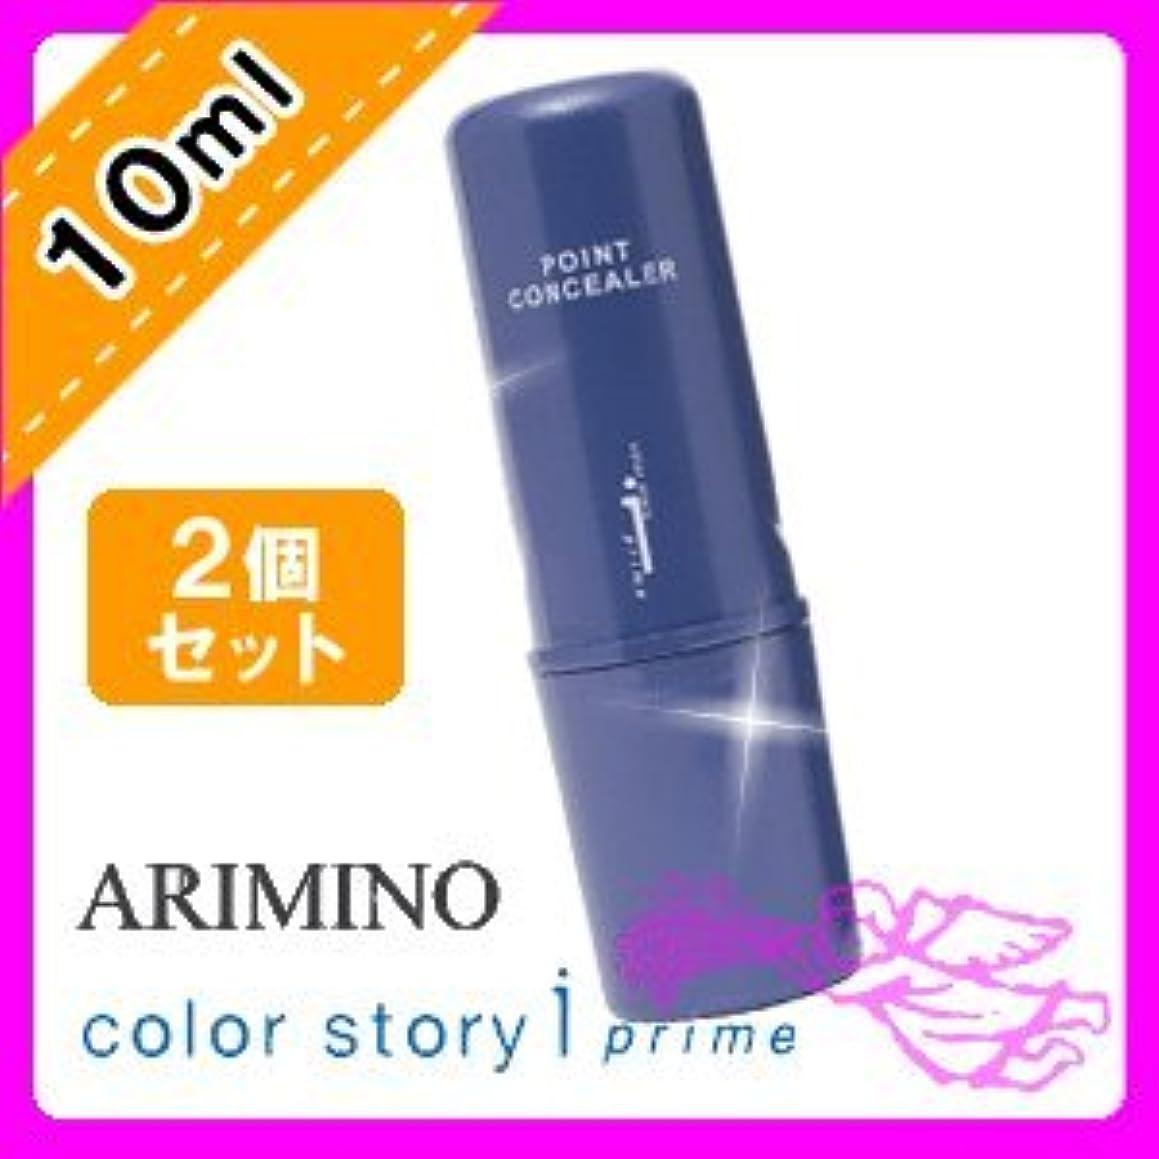 かる抑制する悔い改めるアリミノ カラーストーリーiプライム ポイントコンシーラー ライト 10ml ×2個 セット